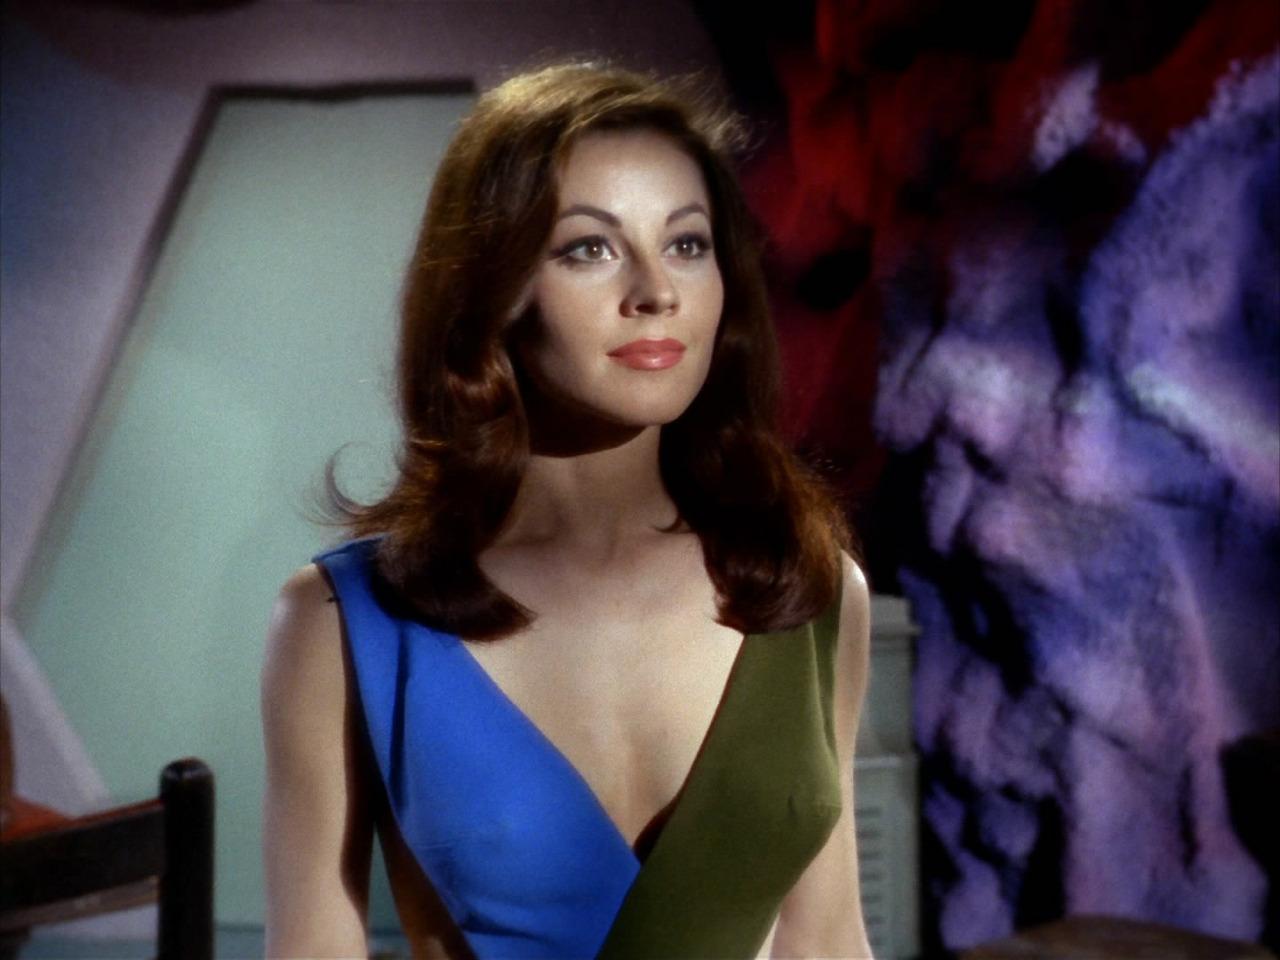 Sherry Jackson Andrea Star Trek 04.jpg